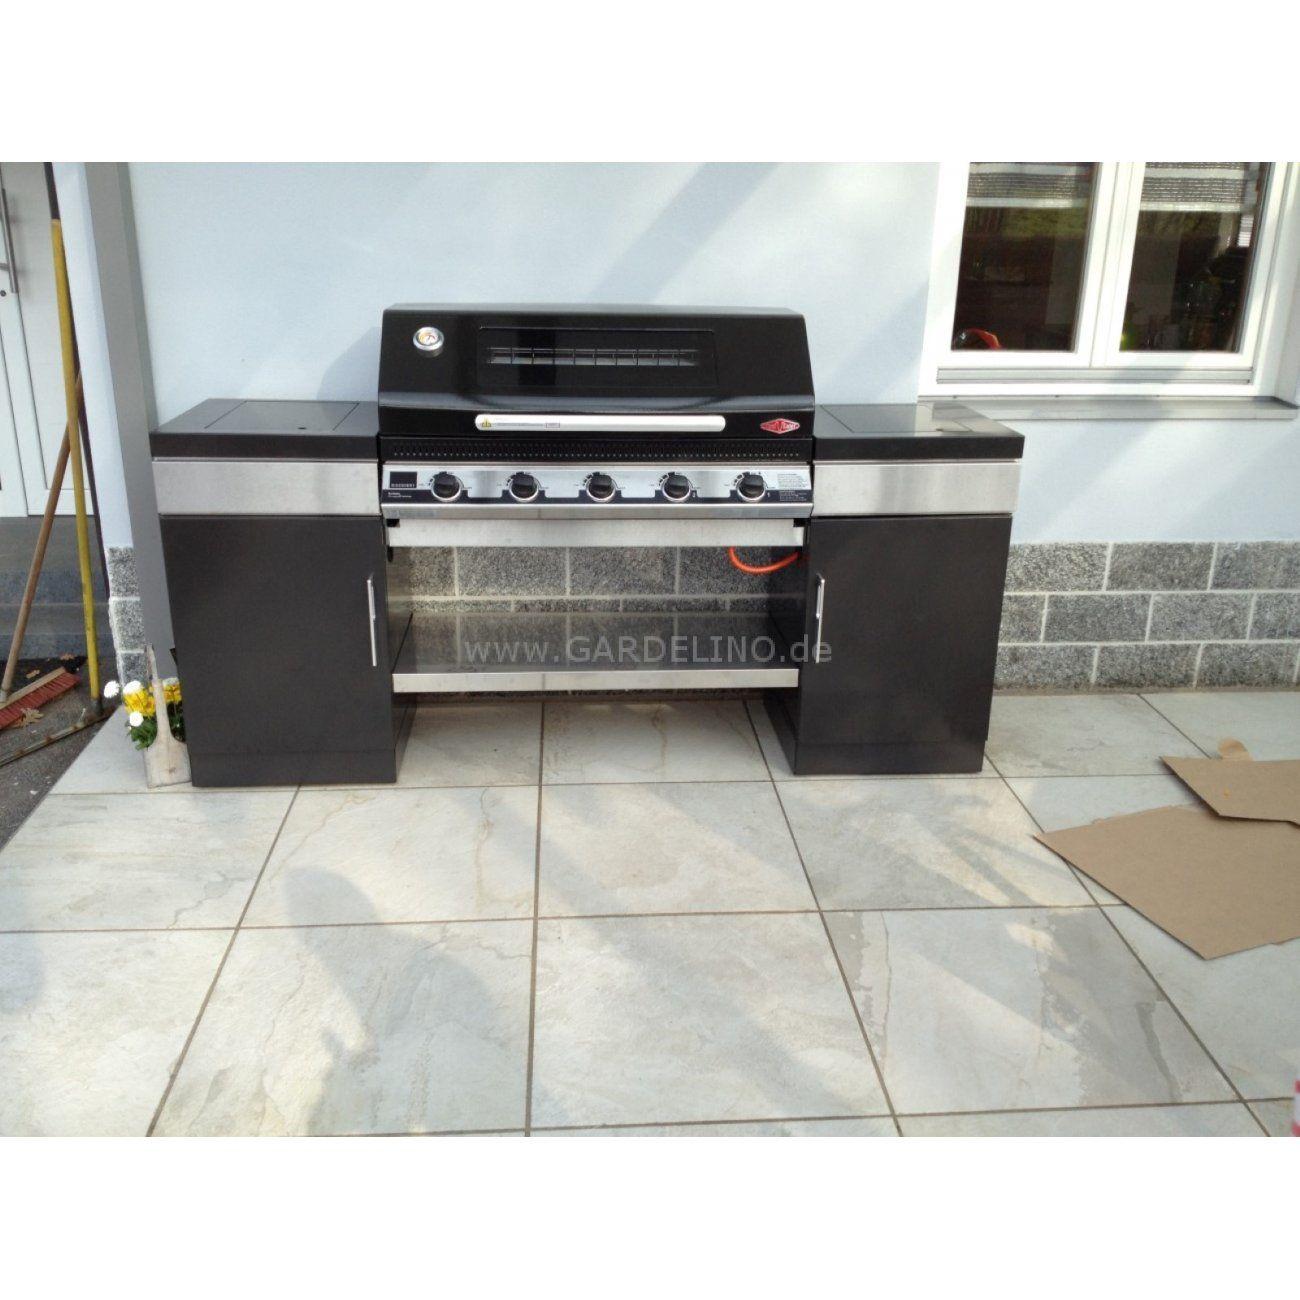 BeefEater 1100E Outdoorküche | Traumküche bauen mit Gardelino.de ...